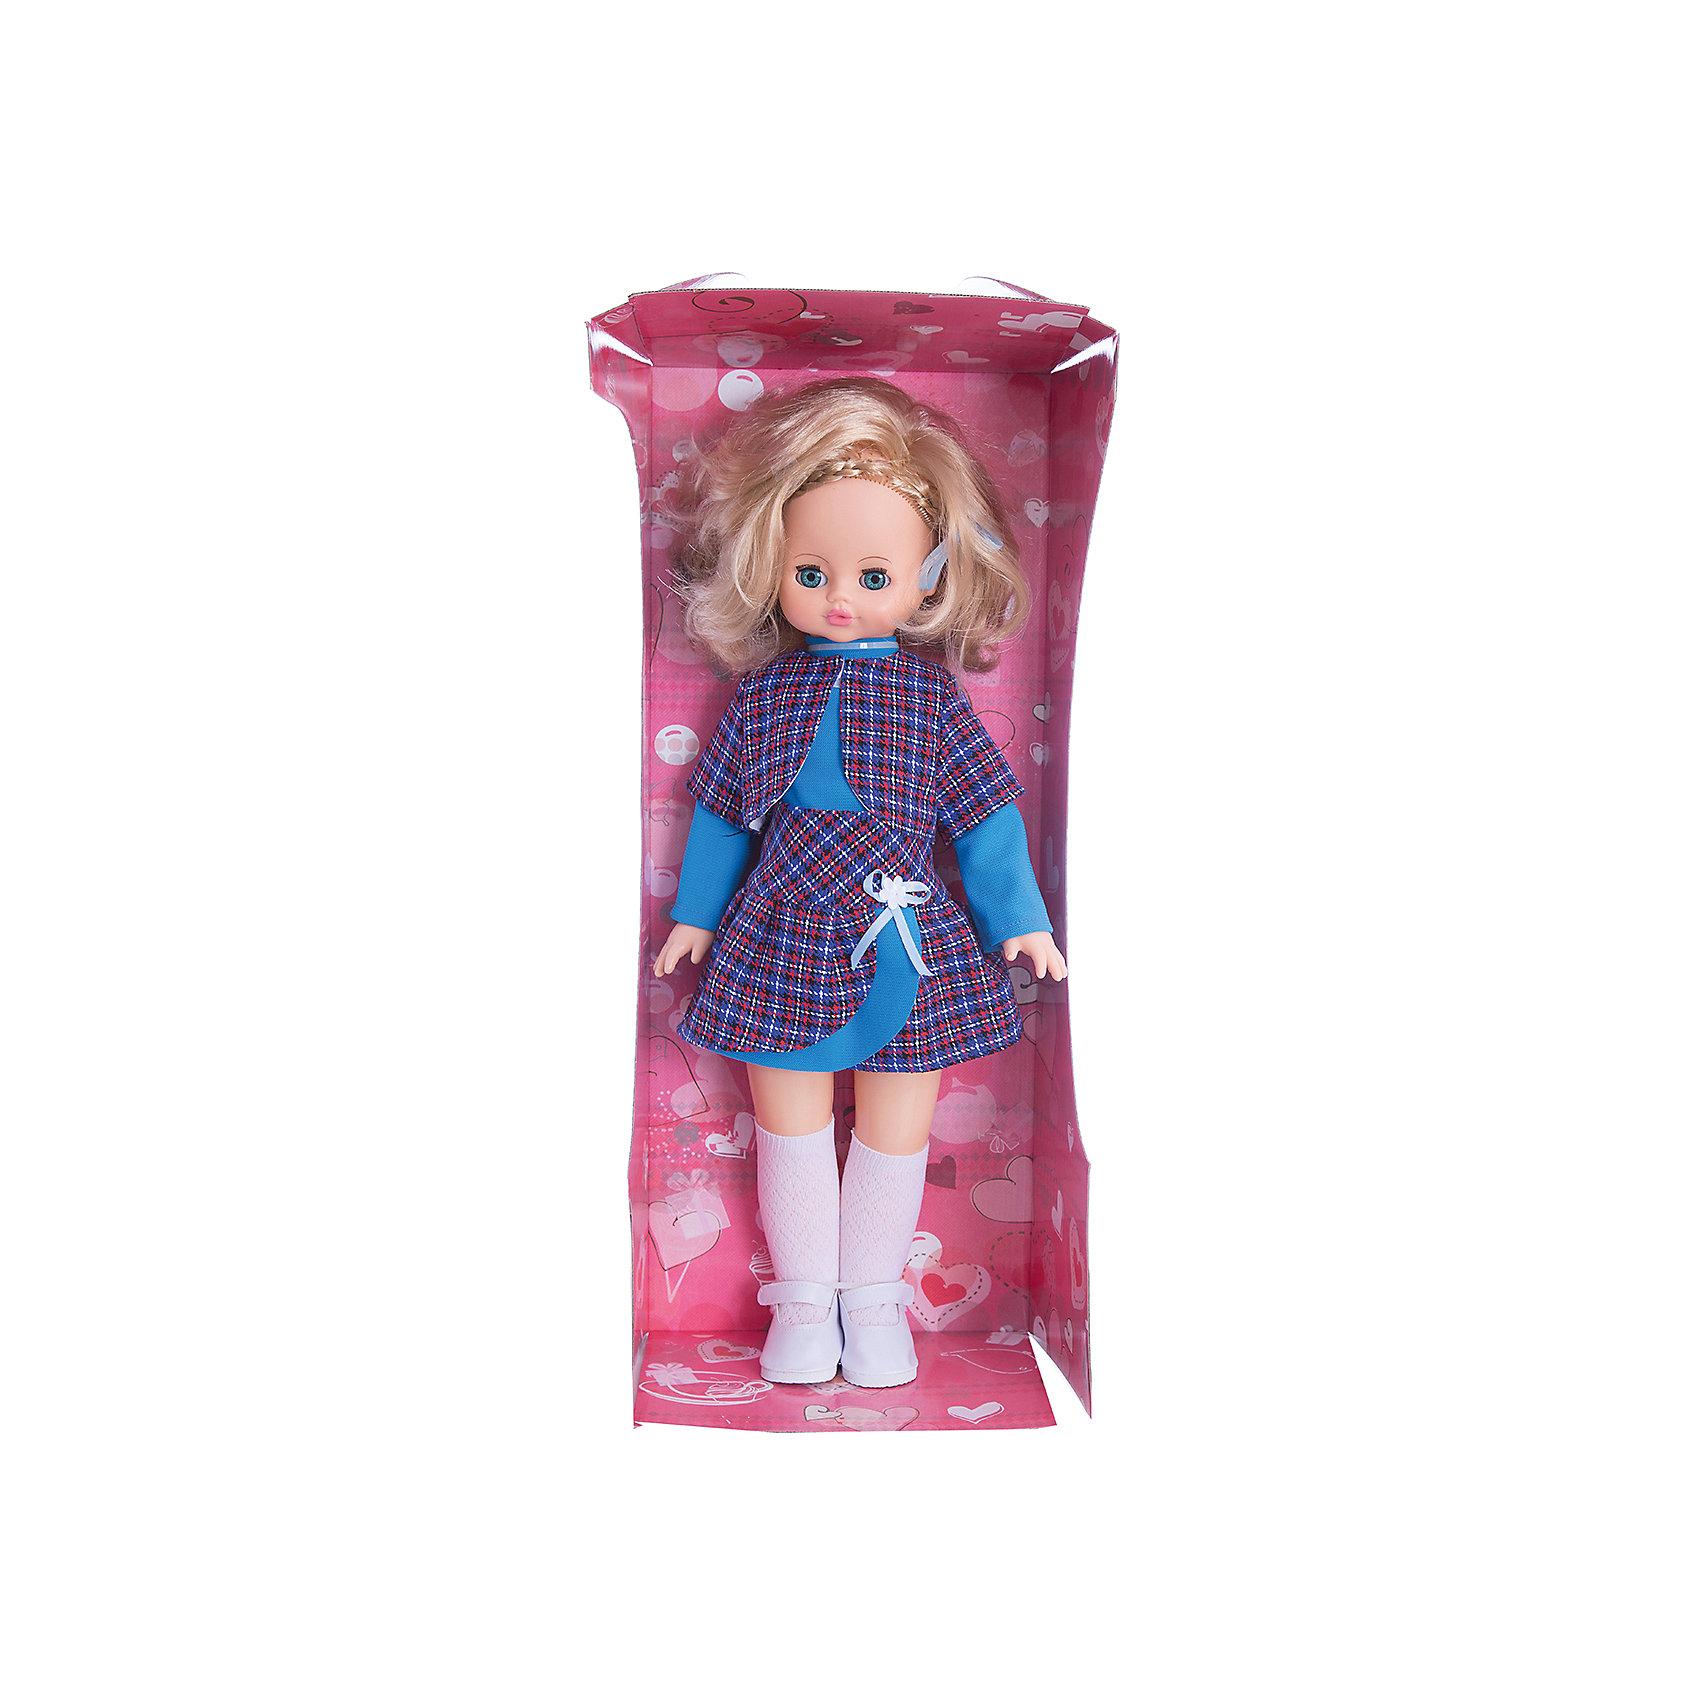 Кукла Эльвира 2, со звуком, 55 см, ВеснаКукла Эльвира 2 со звуком от марки Весна<br><br>Большая красивая кукла от отечественного производителя способна не просто помочь ребенку весело проводить время, но и научить девочку одеваться со вкусом. На ней - модный костюм и обувь, всё можно снимать и надевать.<br>Кукла произносит несколько фраз, механизм работает от батареек, которые идут в комплекте. Очень красиво смотрятся пышные волосы, на которых можно делать прически. Сделана игрушка из качественных и безопасных для ребенка материалов.<br><br>Отличительные особенности куклы:<br><br>- материал: пластмасса;<br>- волосы: прошивные;<br>- звуковой модуль;<br>- голова поворачивается;<br>- руки и ноги гнутся;<br>- снимающаяся одежда и обувь;<br>- закрывающиеся глаза;<br>- высота: 55 см.<br><br>Комплектация:<br><br>- одежда;<br>- три батарейки СЦ 357.<br><br>Куклу Эльвира 2 со звуком от марки Весна можно купить в нашем магазине.<br><br>Ширина мм: 240<br>Глубина мм: 150<br>Высота мм: 590<br>Вес г: 900<br>Возраст от месяцев: 36<br>Возраст до месяцев: 120<br>Пол: Женский<br>Возраст: Детский<br>SKU: 4650456